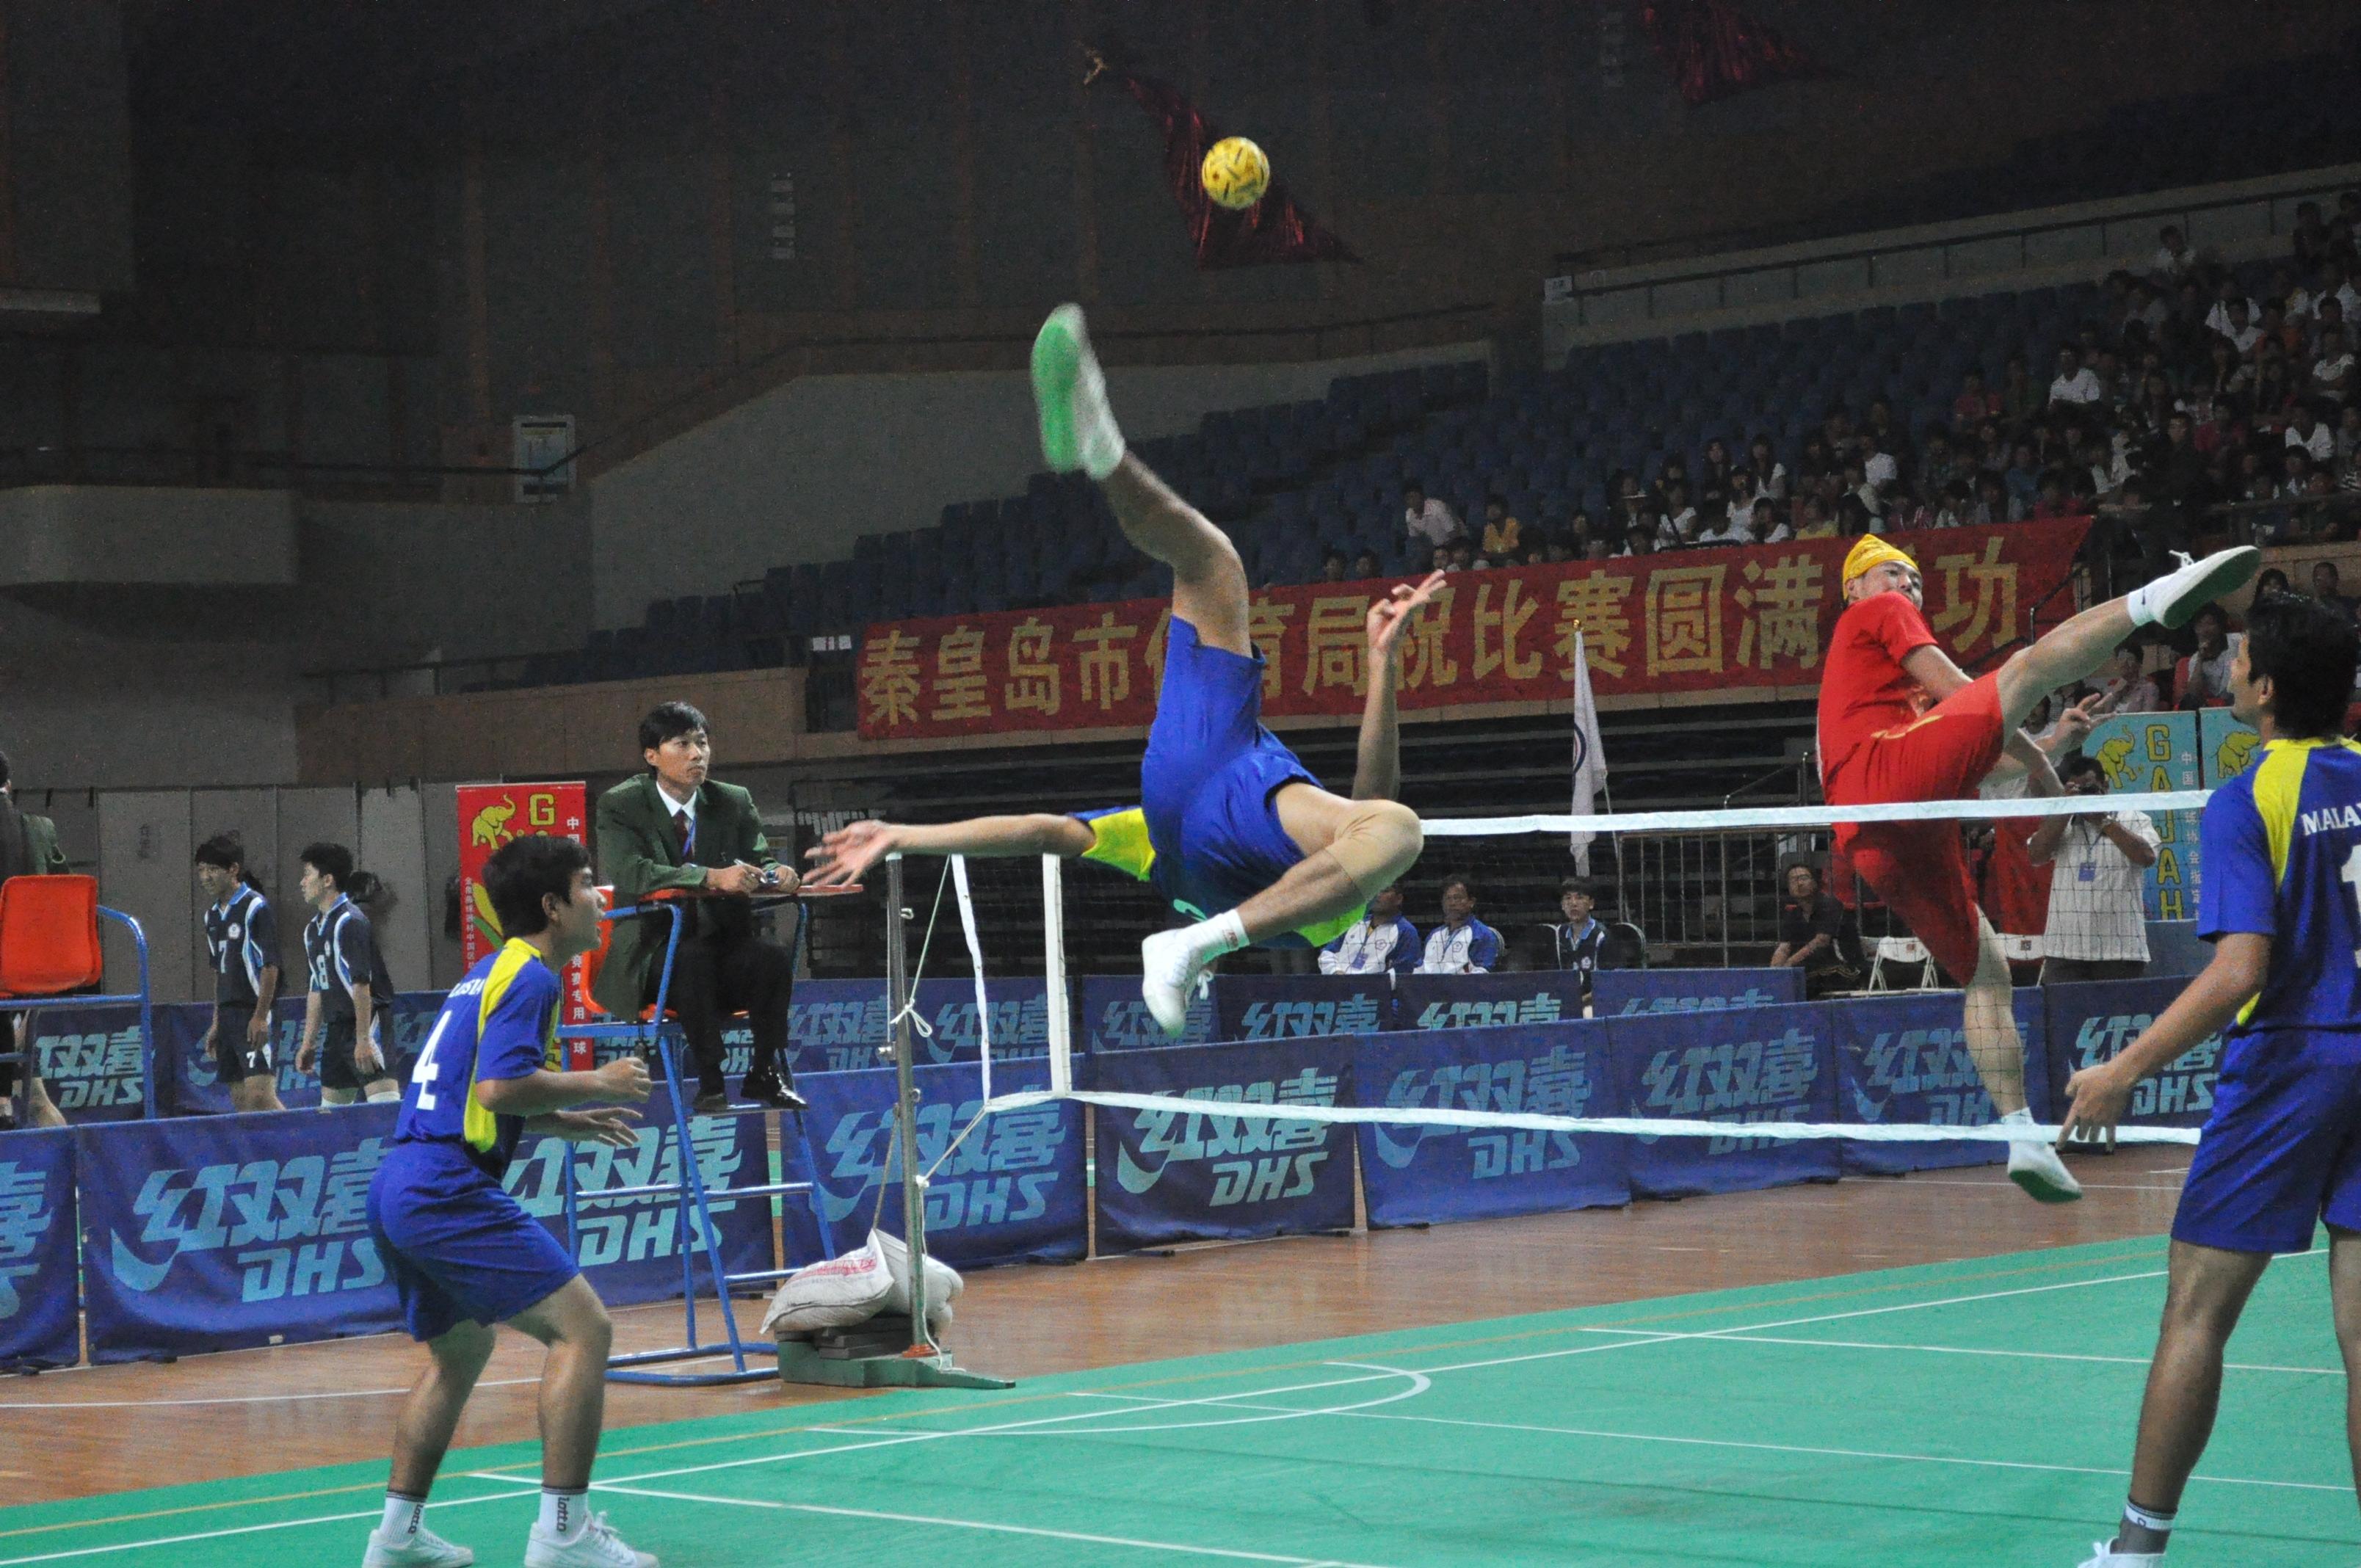 2011.6.11-12藤球比赛1